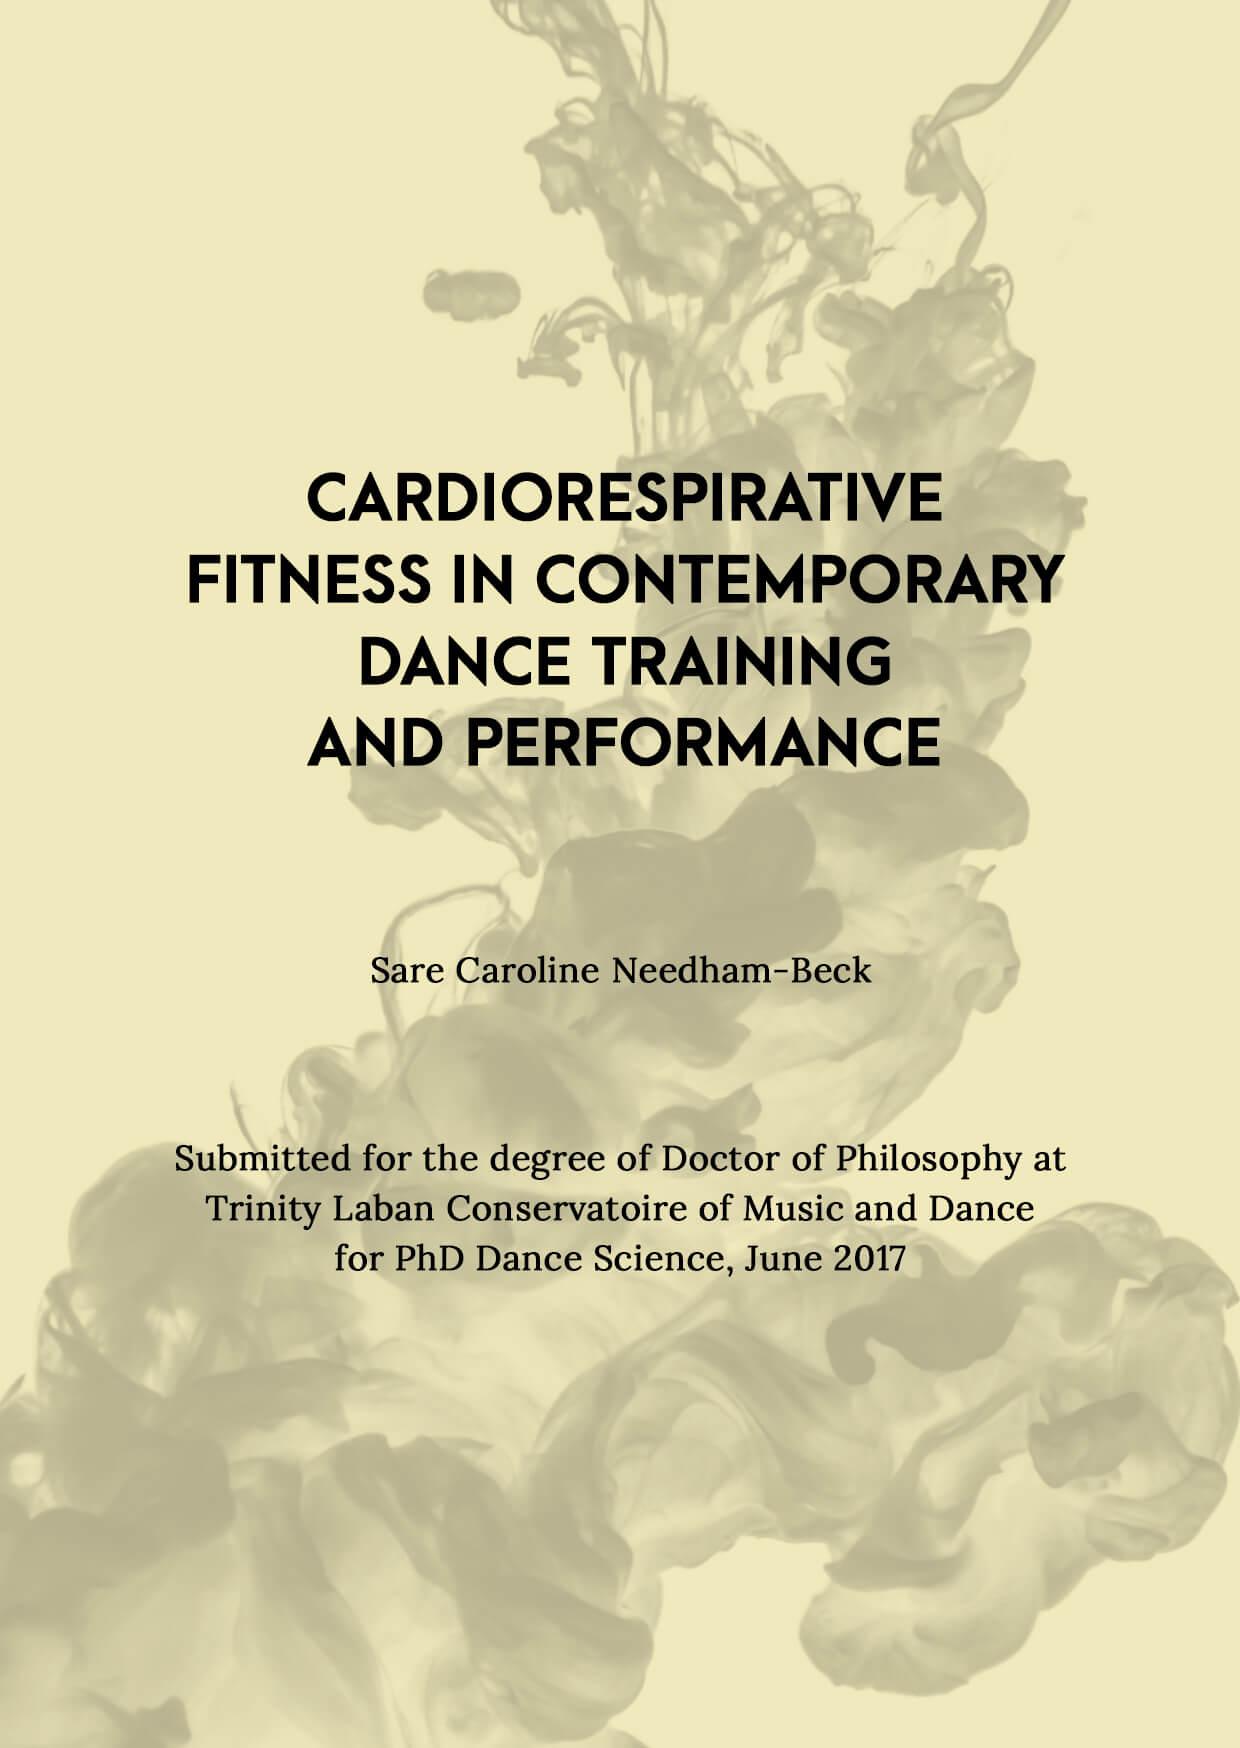 Cardiorespiratory Fitness in Contemporary Dance PDF Cover